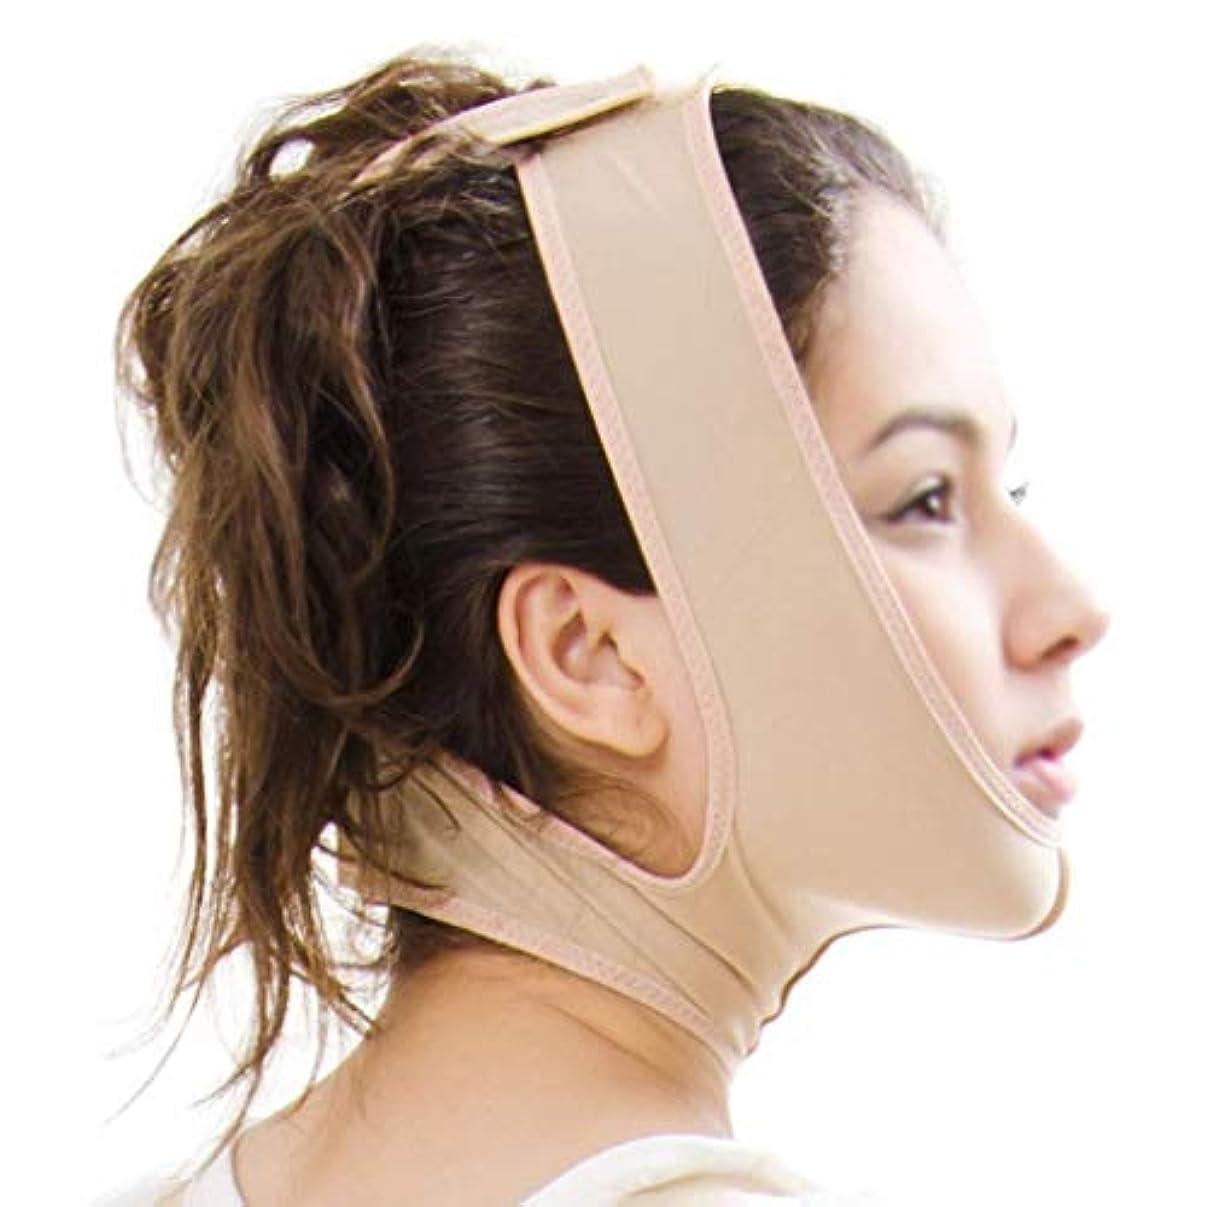 ファン汚染されたロボット顔のリフティング包帯、あごの首と首のダブルあごの顔、脂肪吸引術、術後創傷マスク(サイズ:S)